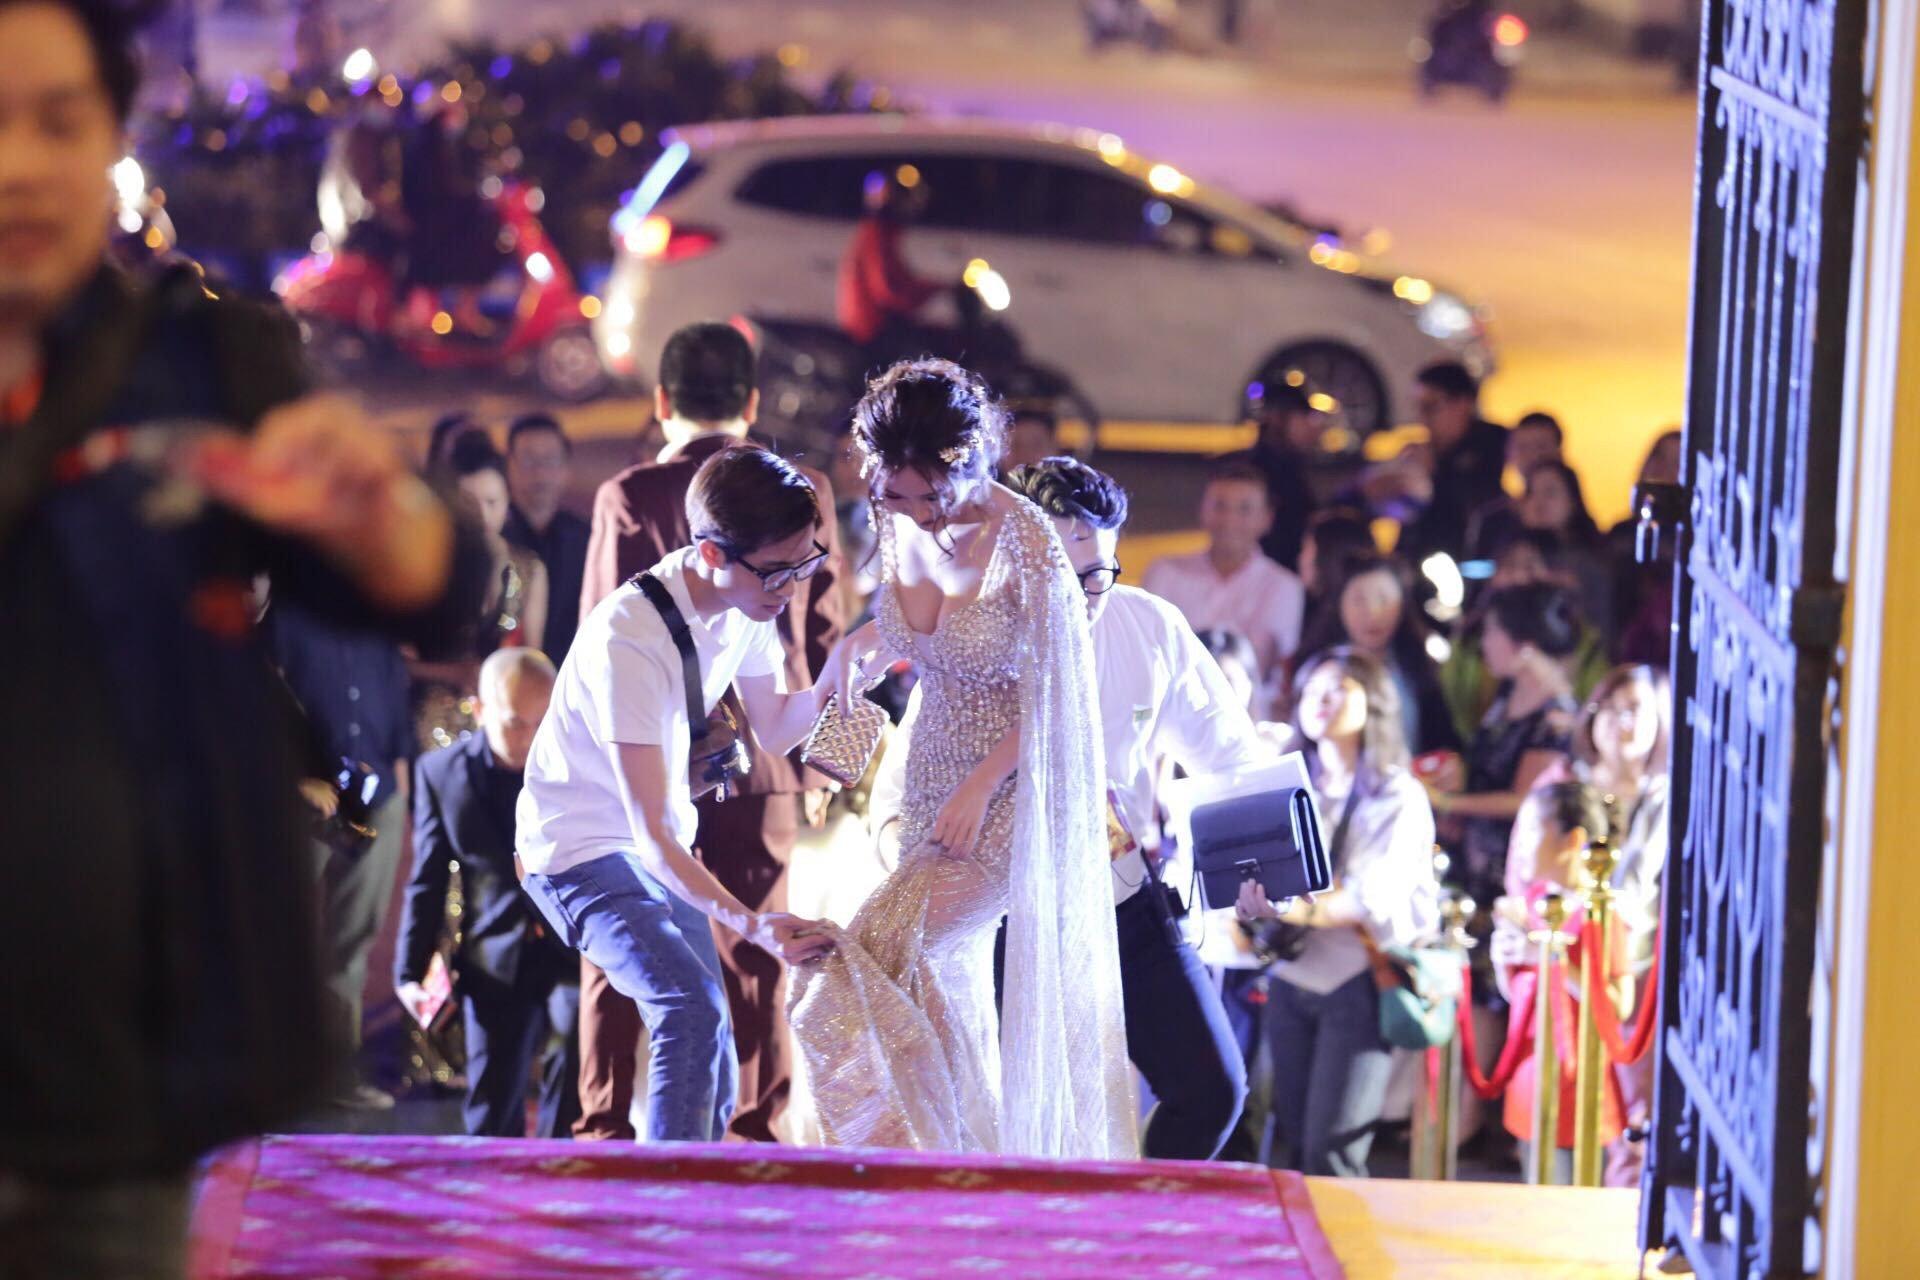 Sau scandal cua Truong Giang, Nha Phuong khoe lung tran tai giai Canh dieu vang hinh anh 5